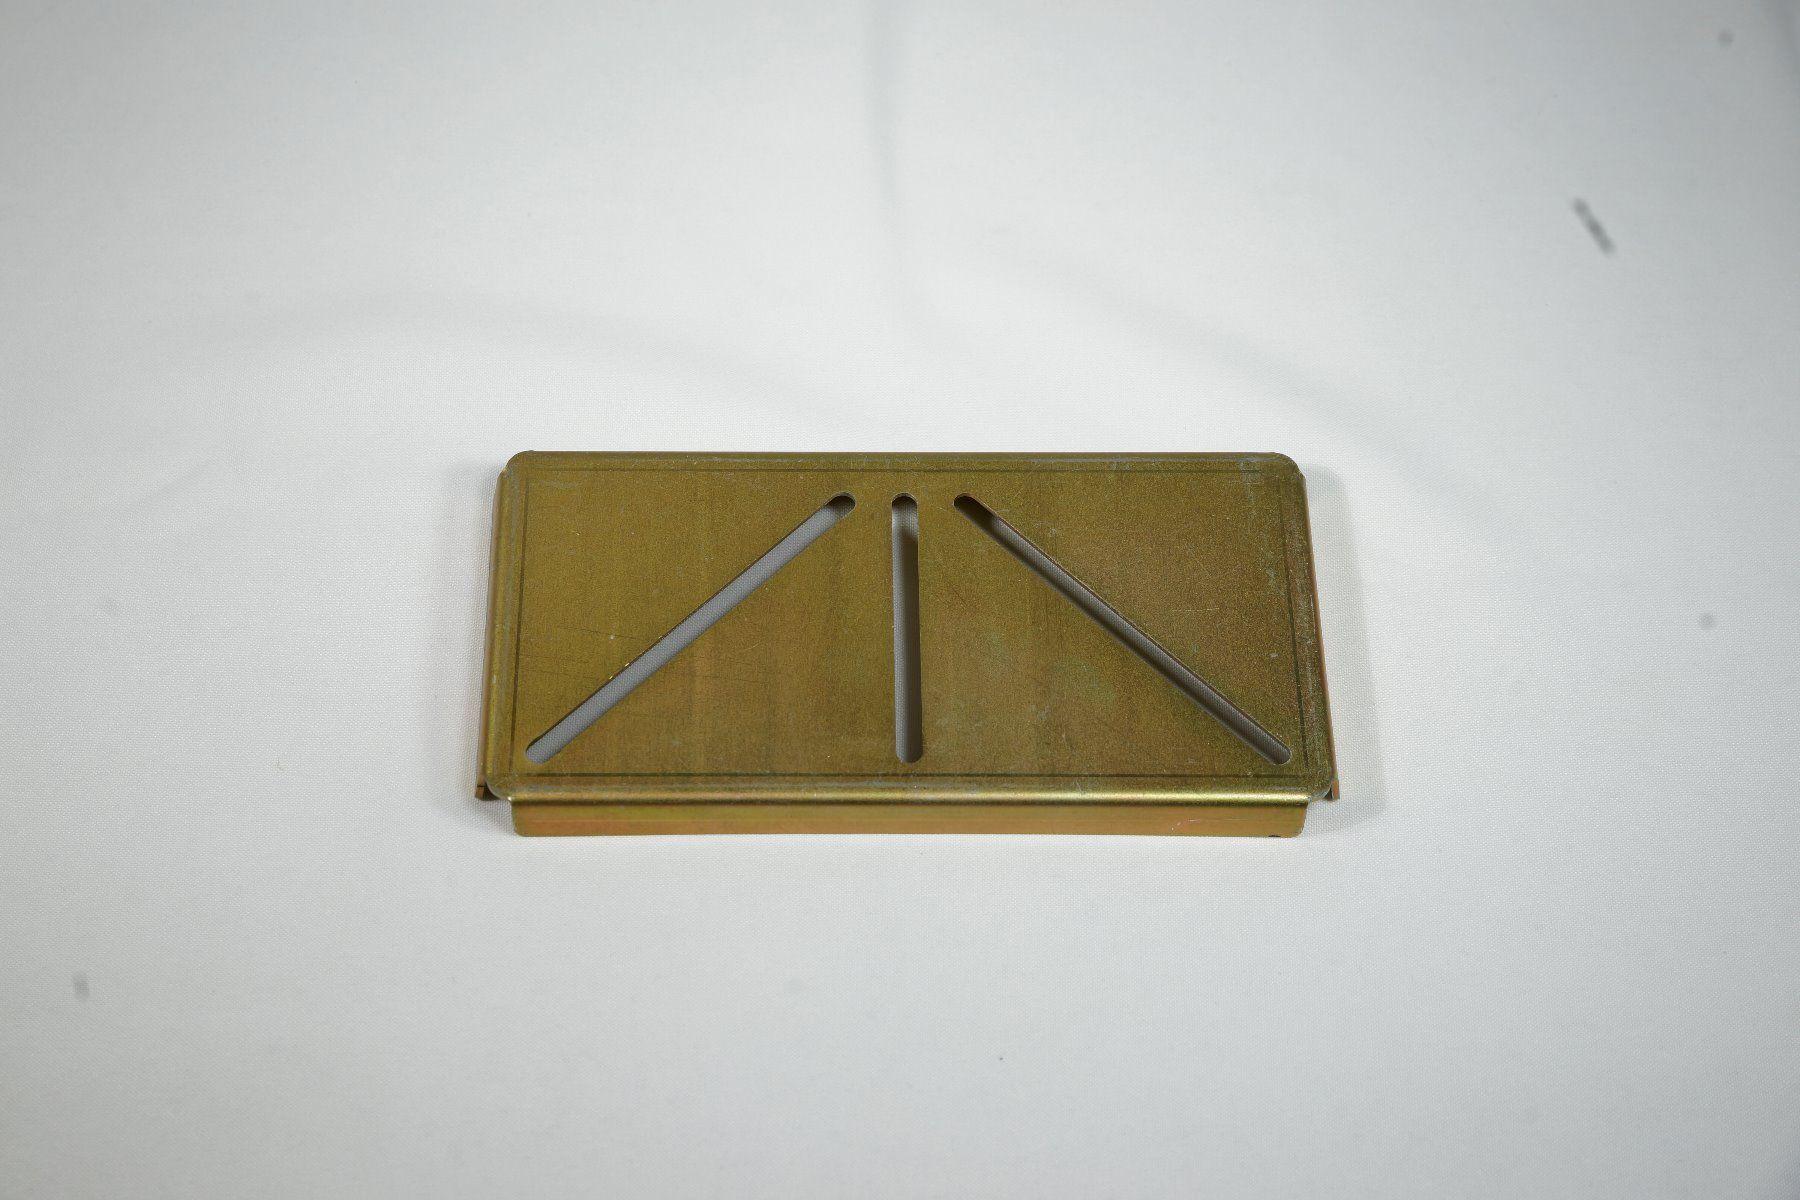 4 x 45 TemplateMARKER-B 4.01 x 7.99 in (102 x 203 mm)